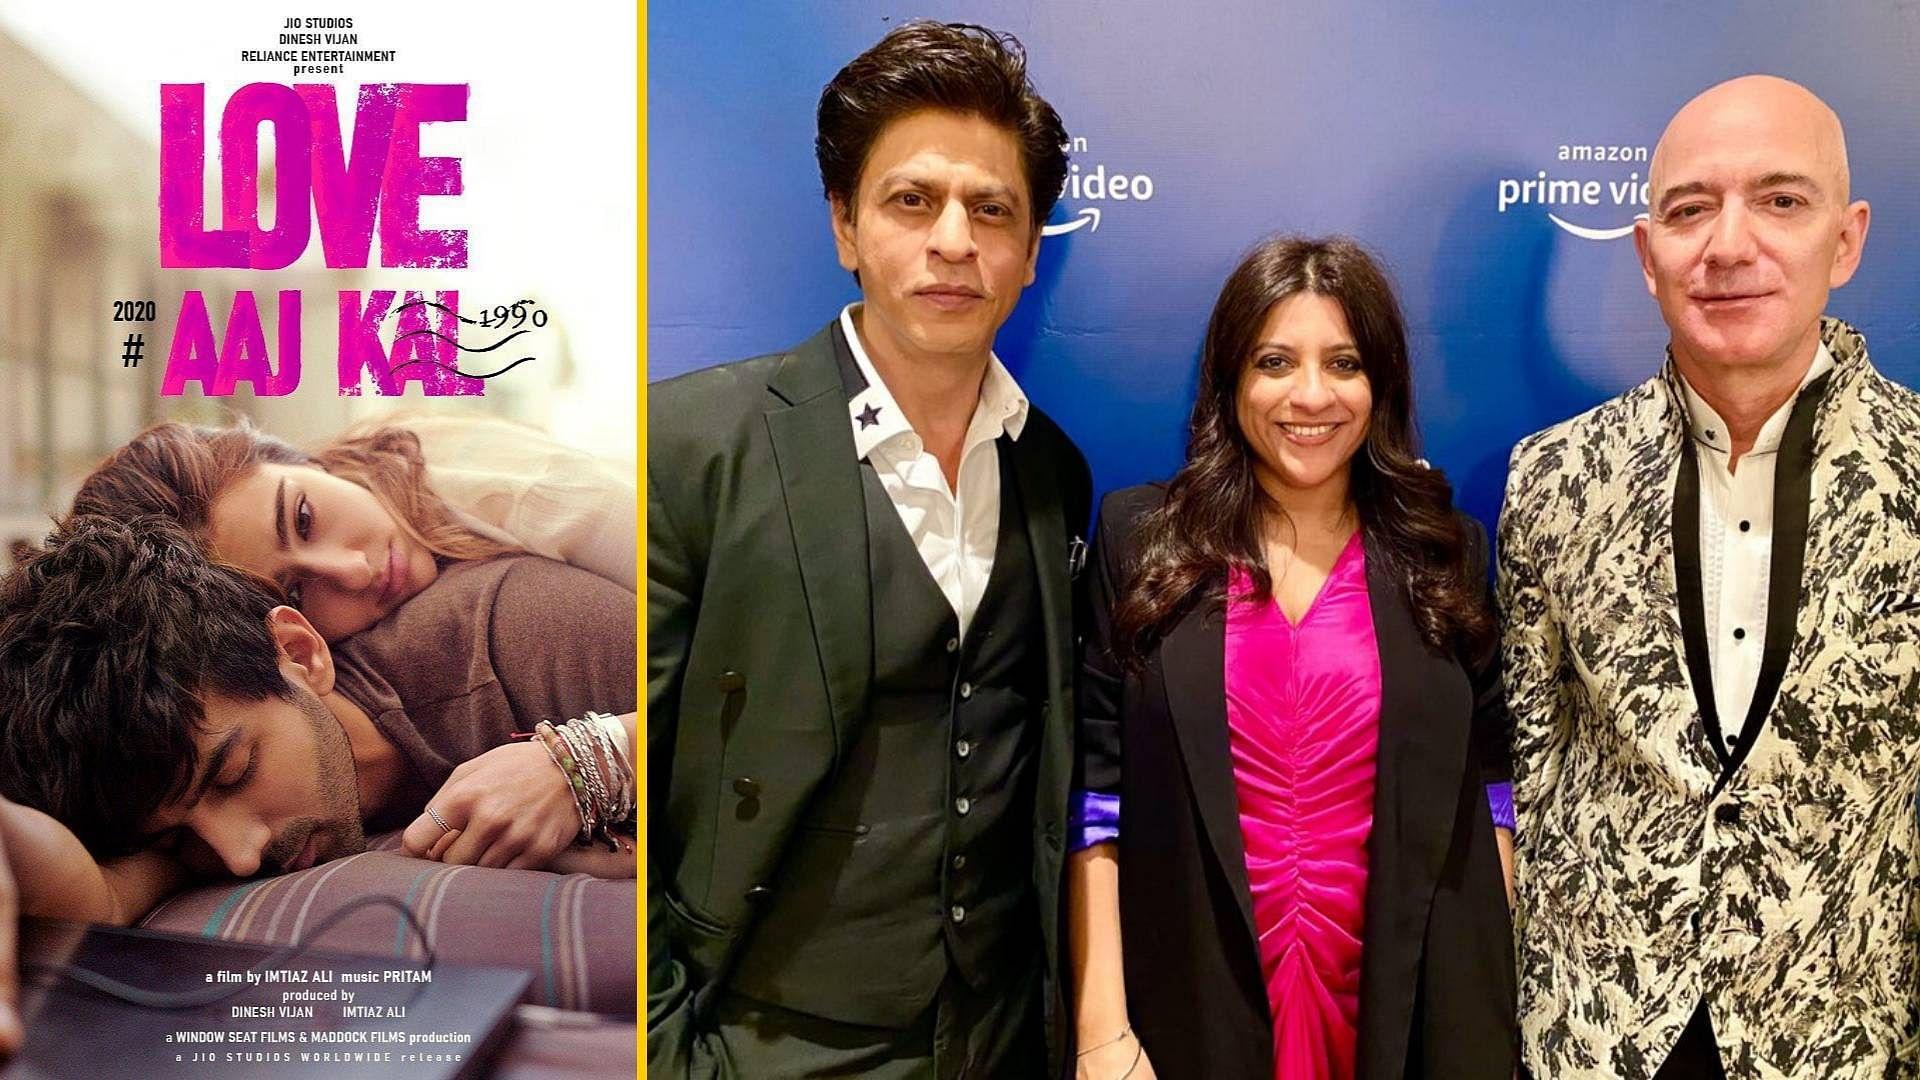 QuickE: 'Love Aaj Kal' Trailer; SRK Meets Jeff Bezos